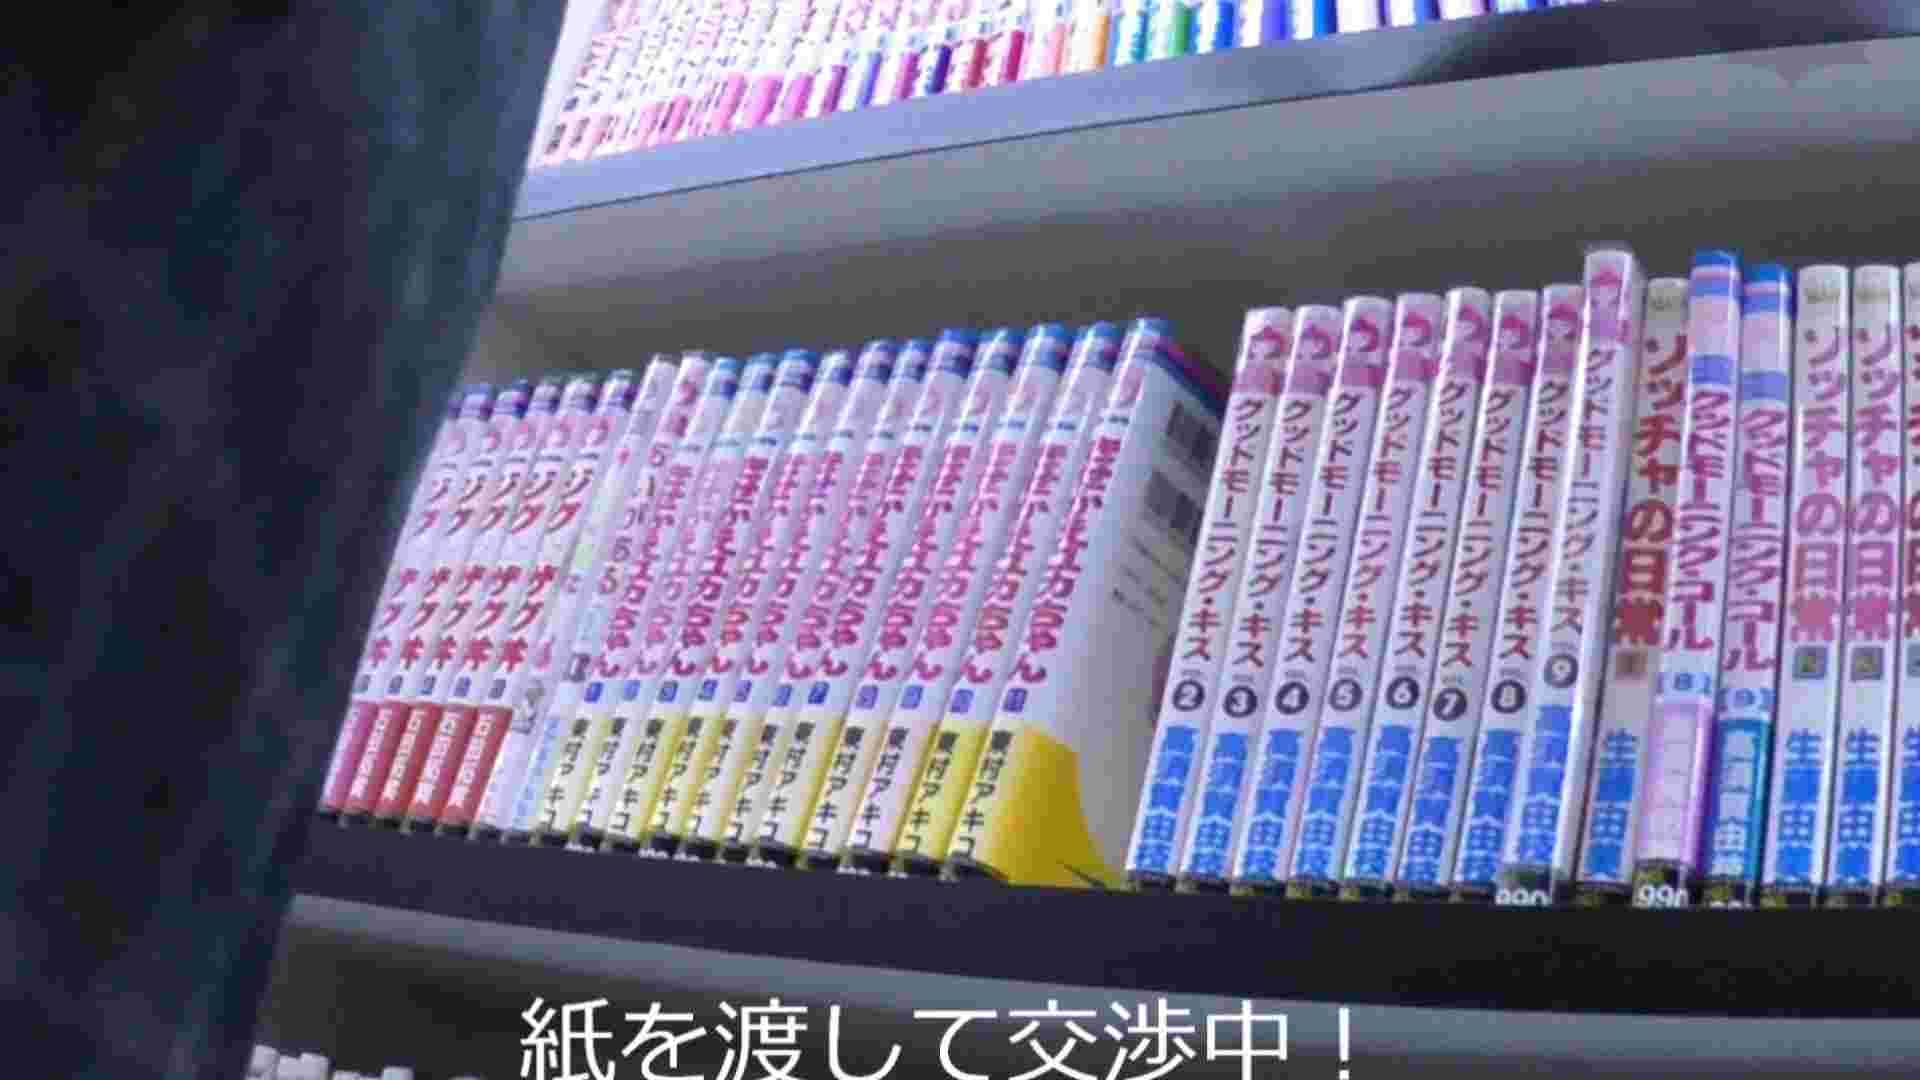 悪戯ネットカフェ Vol.03 「口」渉成立!! 勢い余ってお口に・・・ 細身  91PIX 2